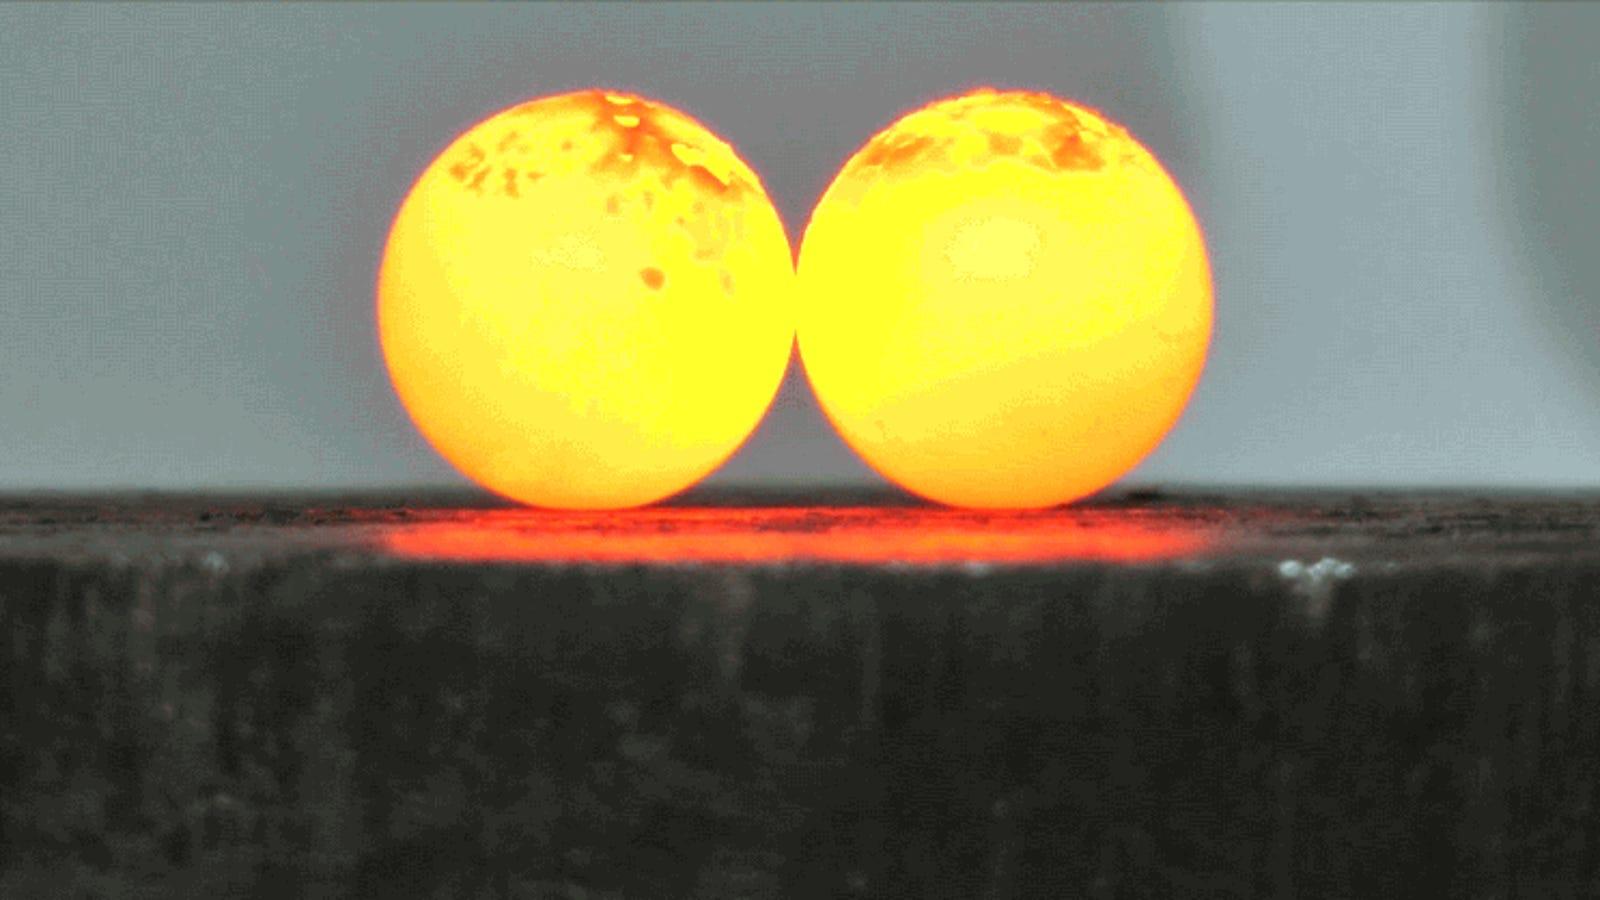 Dos clásicos de Internet enfrentados: bola de níquel al rojo vivo contra prensa hidráulica